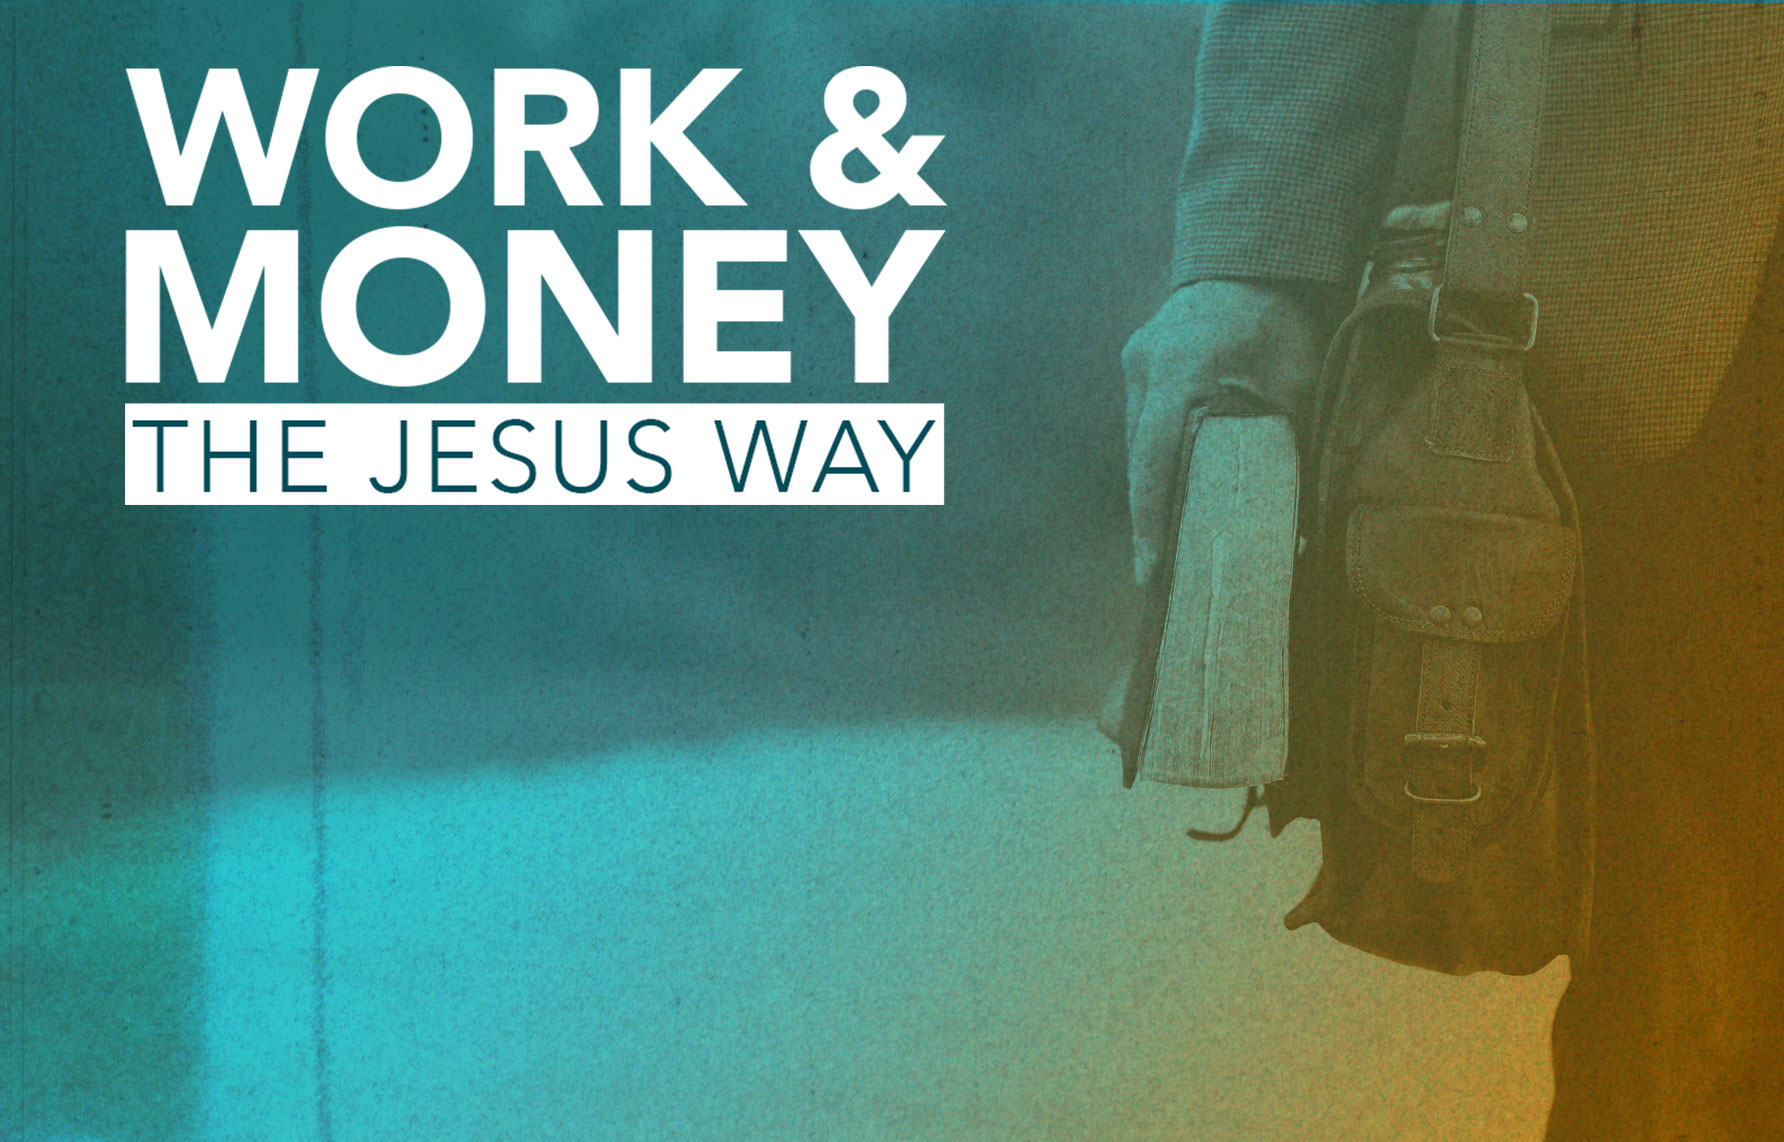 Work & Money banner